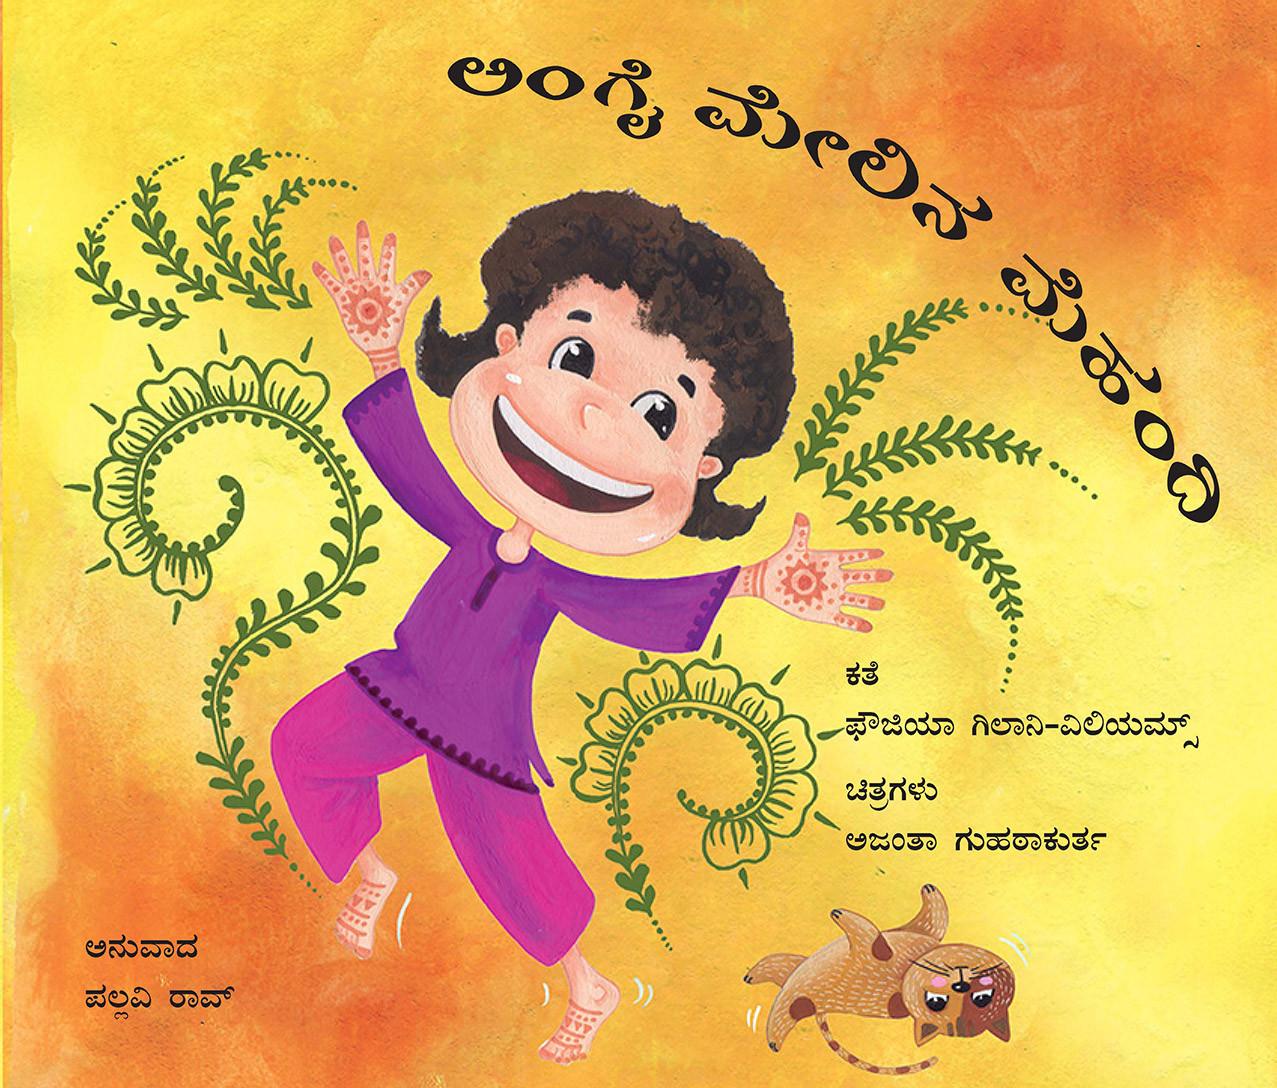 Henna on my Hands/Angai Melina Mahendi (Kannada)